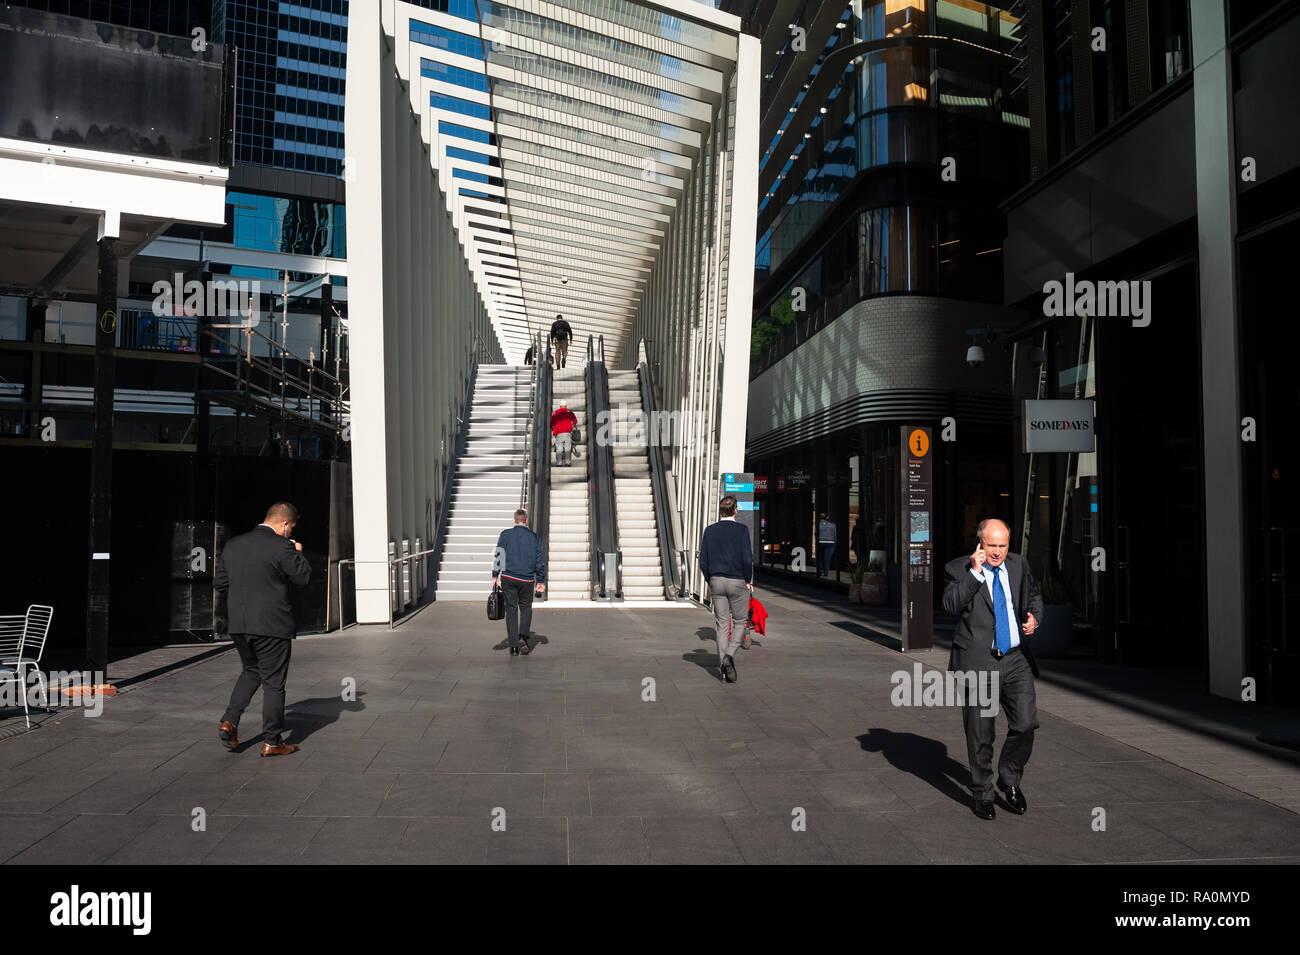 17.09.2018, Sydney, New South Wales, Australien - Menschenen gehen in einer Fussgaengerzone im Geschaeftsviertel in Barangaroo South zwischen modernen Stock Photo